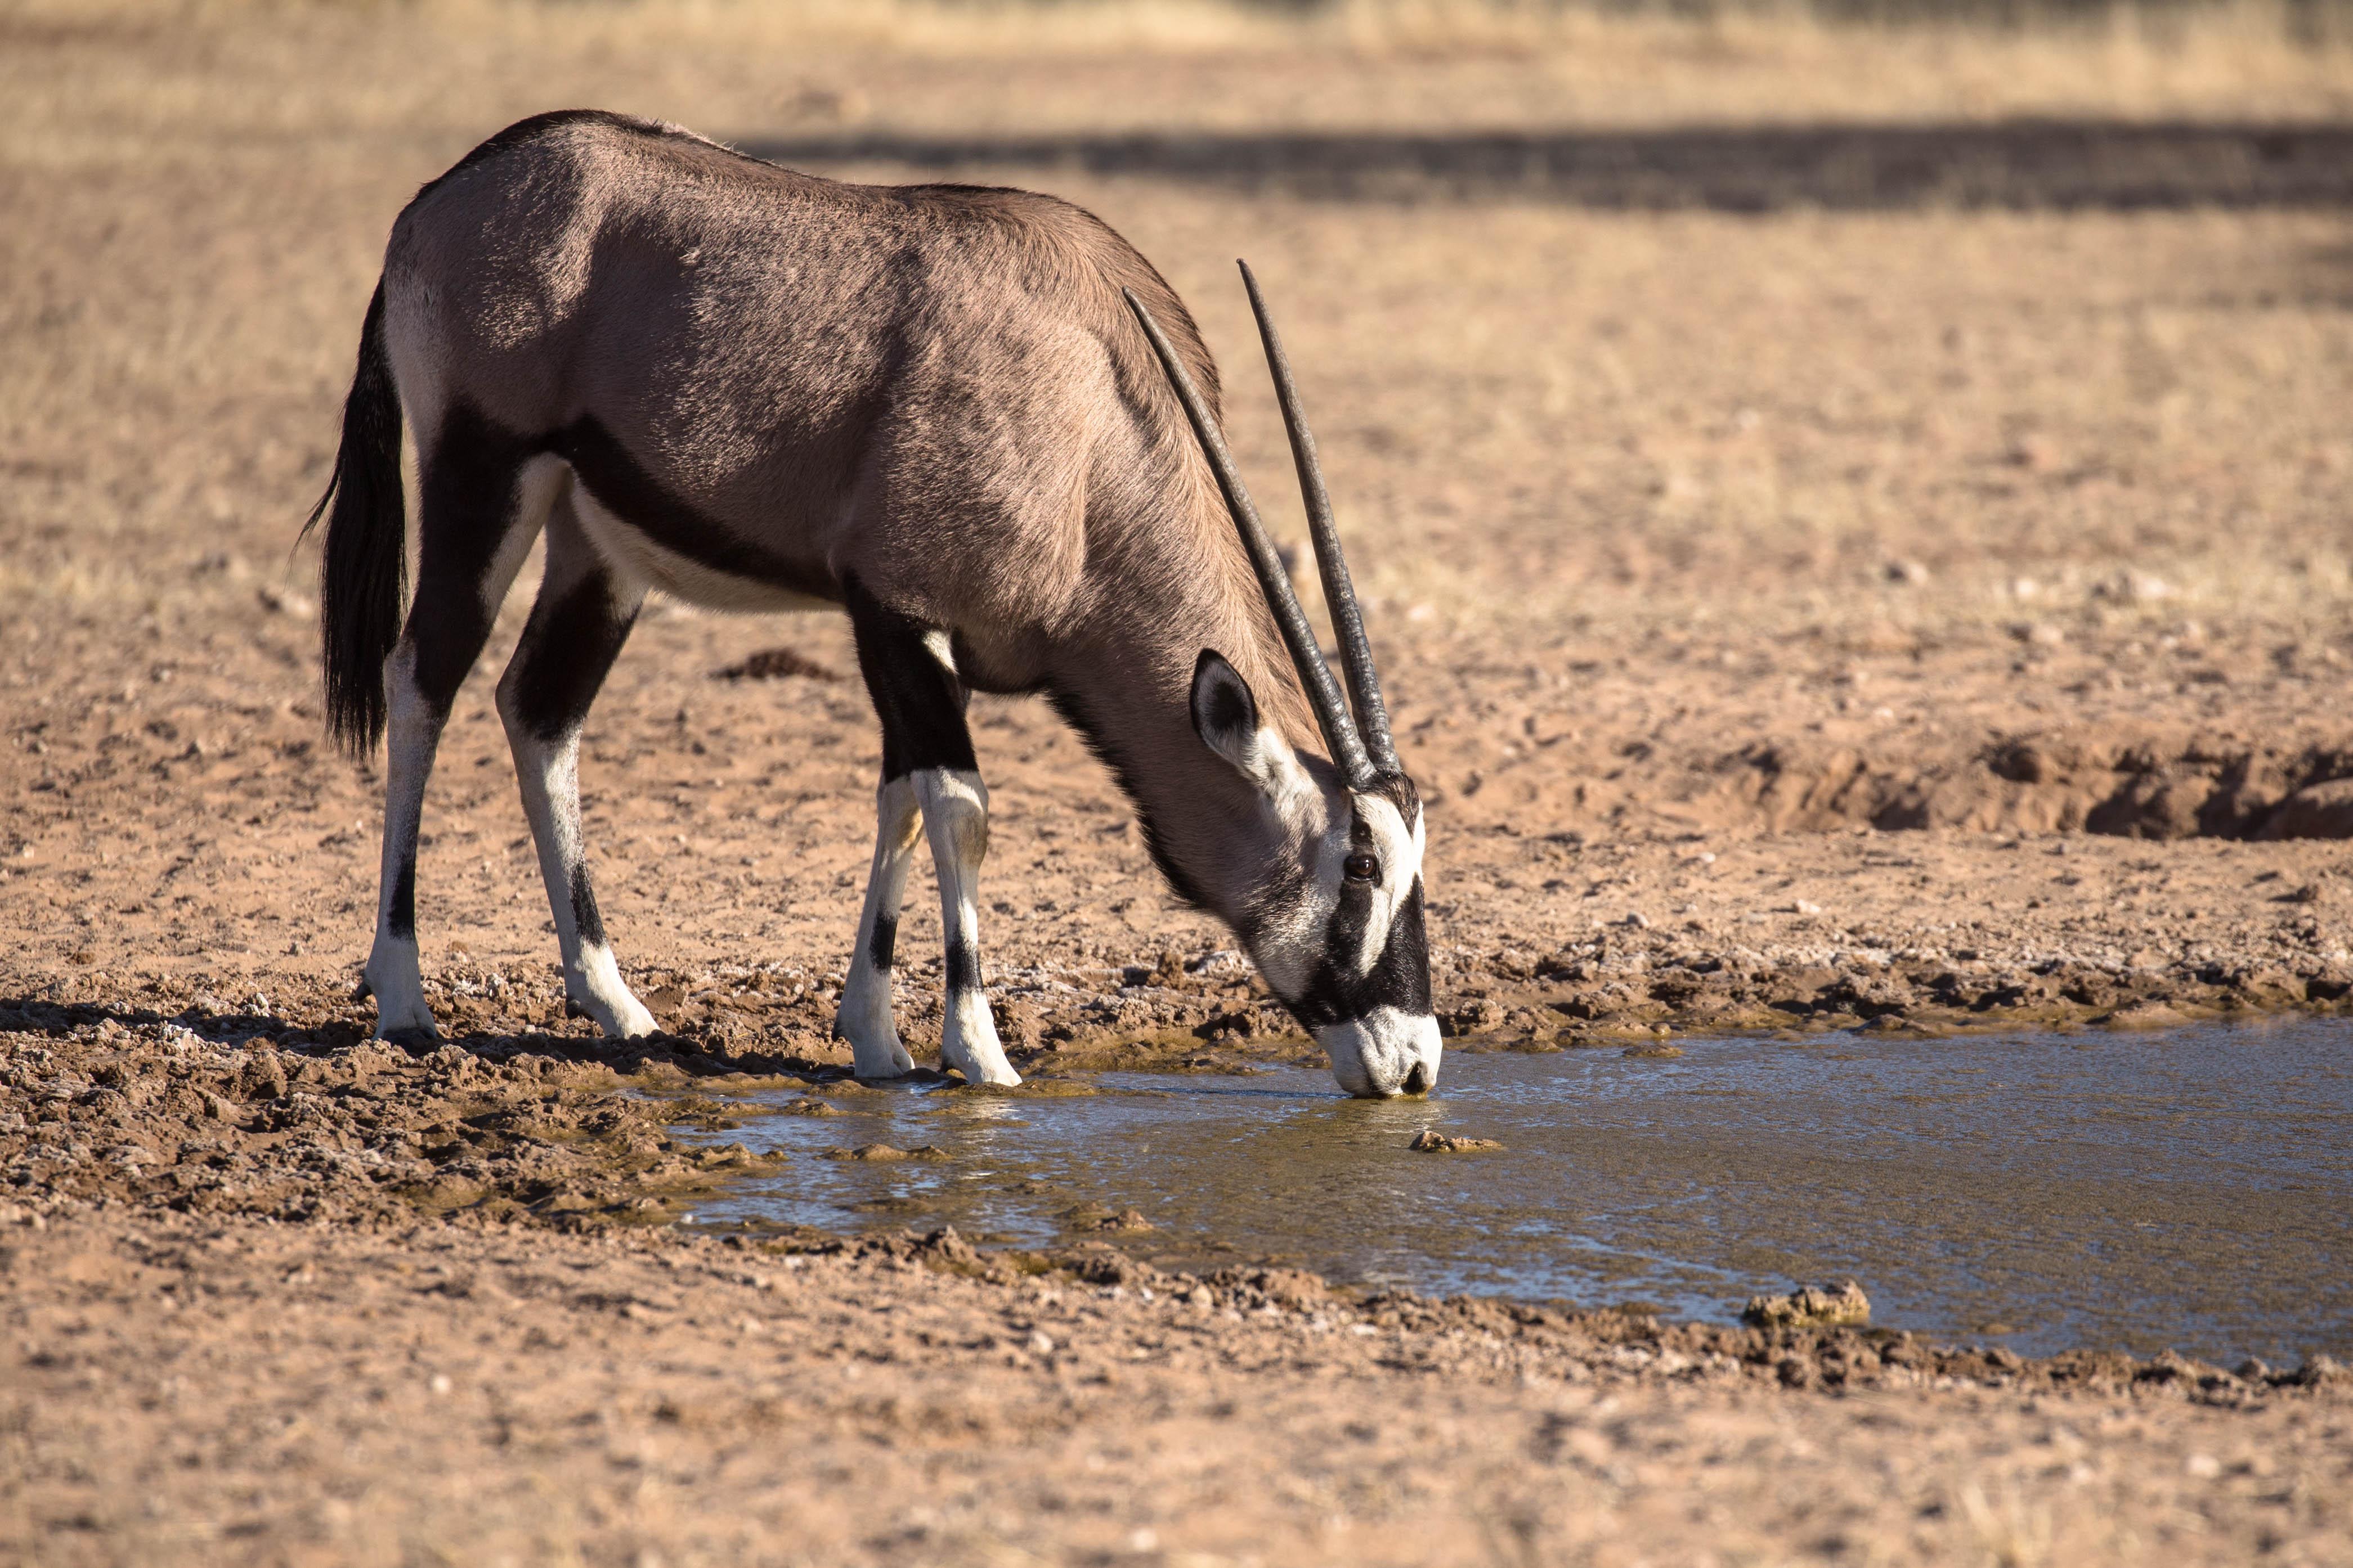 Oryx am Wasserloch